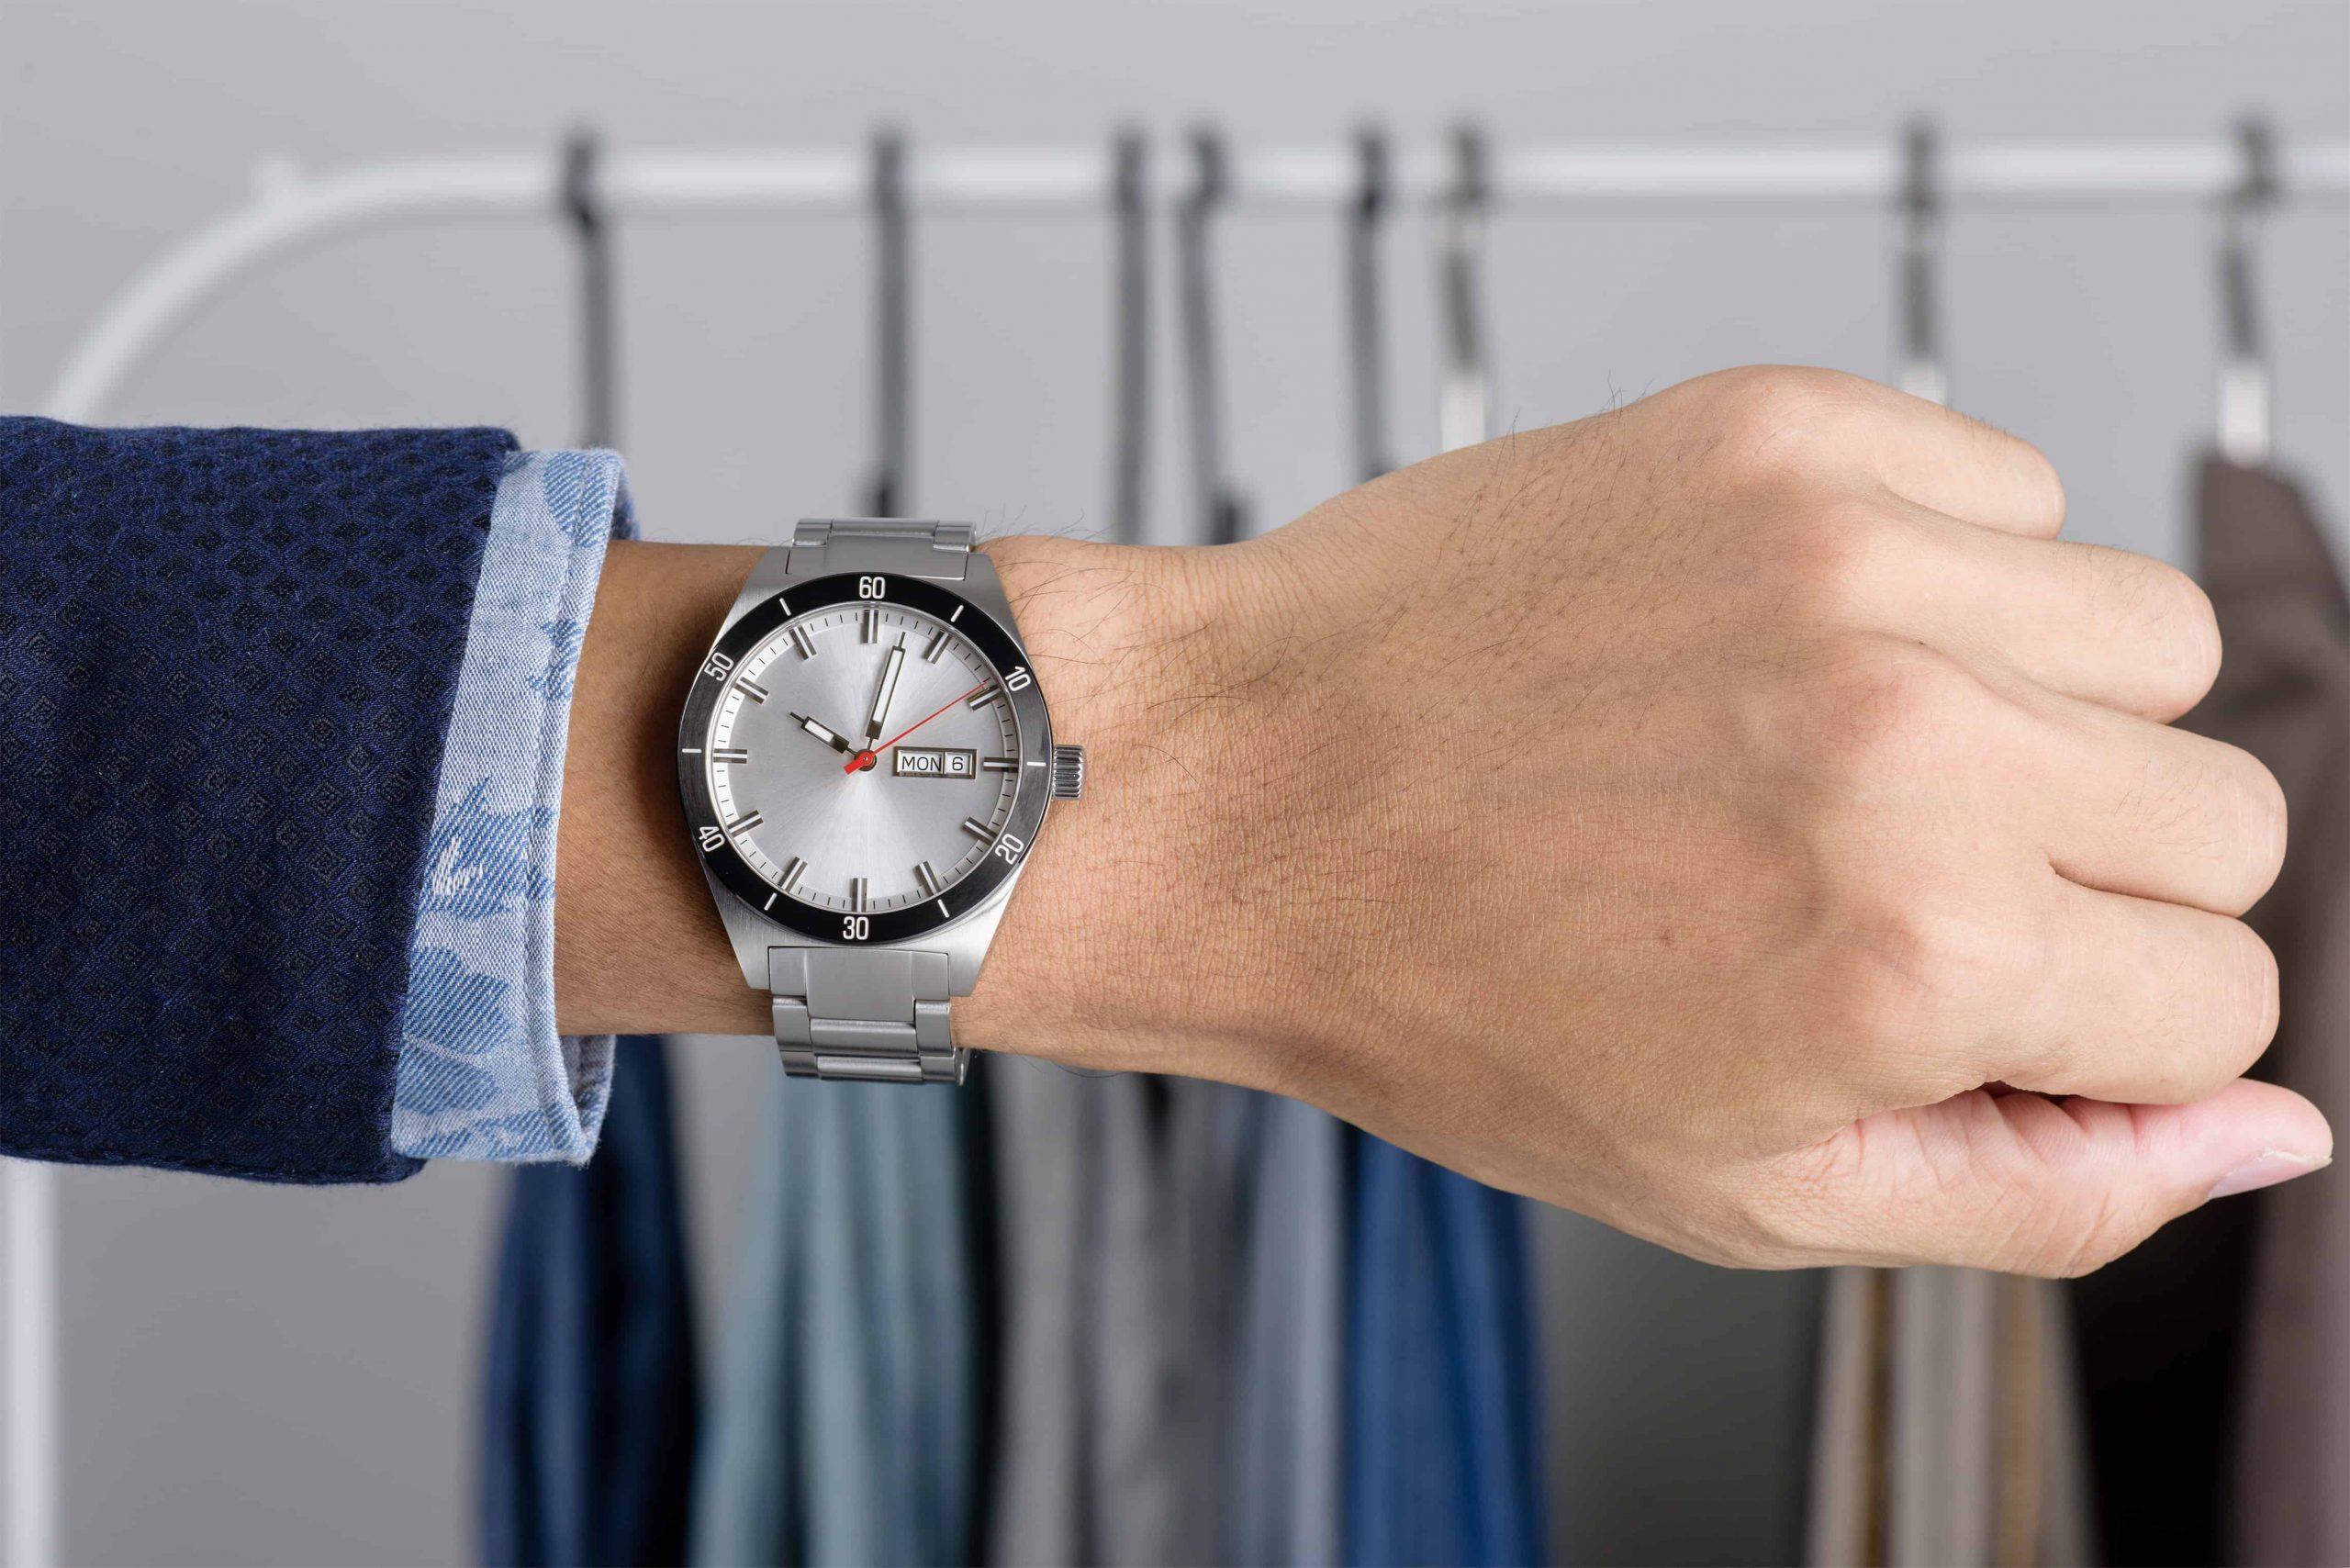 Orologio al polso di un uomo